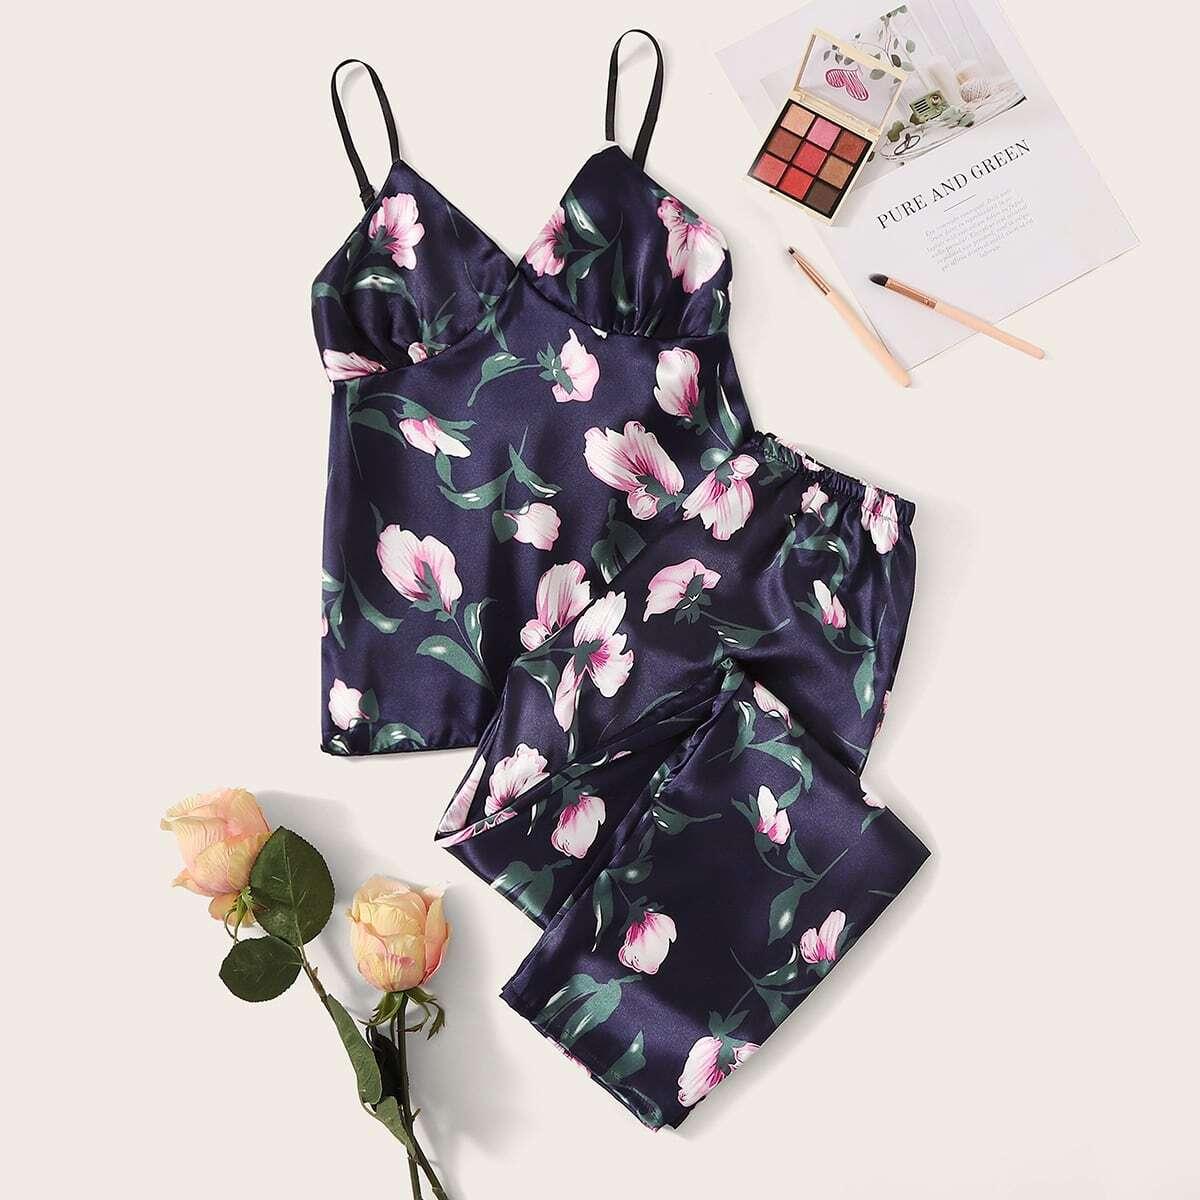 Атласная пижама на бретелях с цветочным принтом